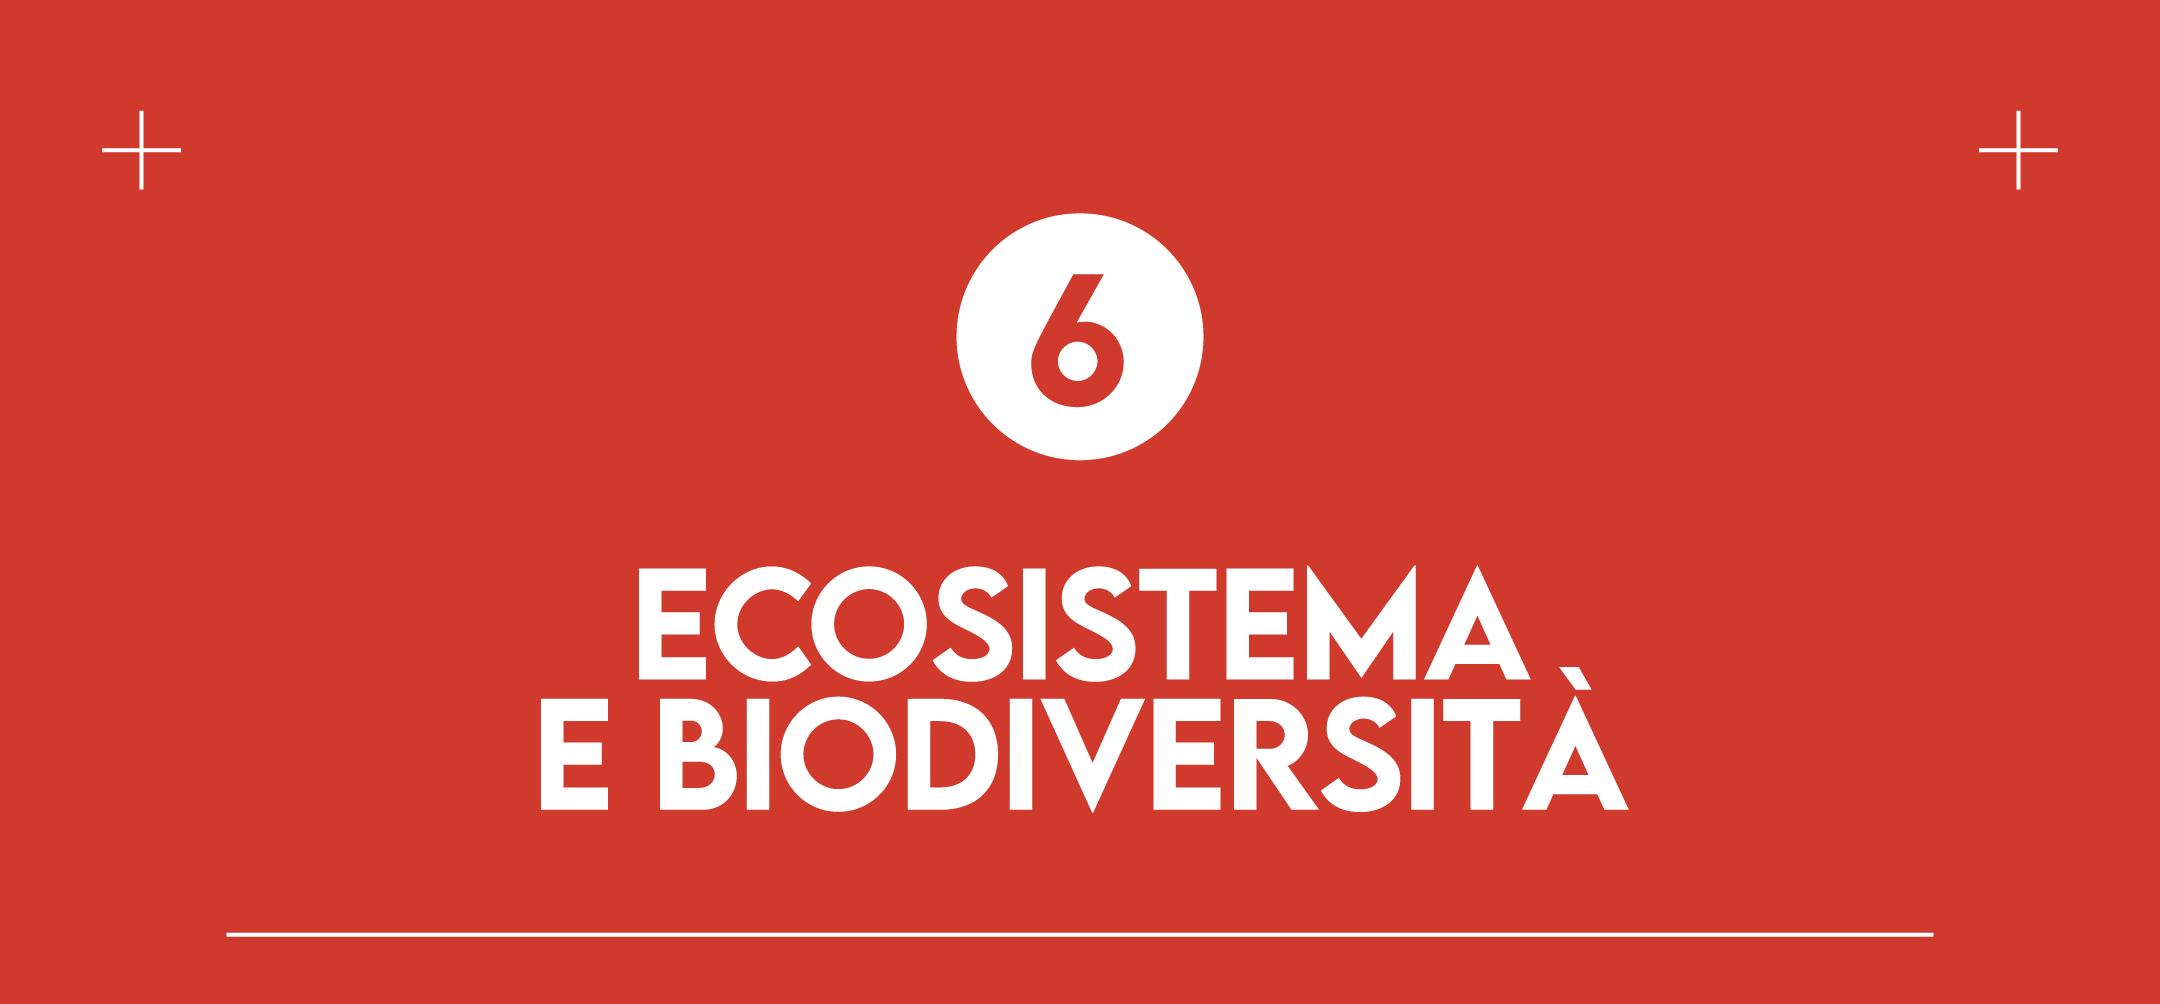 6. Ecosistema e Biodiversità: molte piccole aziende agricole locali sono impegnate nella conservazione della biodiversità e prestano grande attenzione all'equilibrio degli ecosistemi che la circondano. Mangiare prodotti tradizionali è un mood per allungare la vita a colture e culture che rischiano di scomparire sotto la spinta di uniformità del mercato globale e proteggere la biodiversità entrando in contatto con un mondo di sapori, ricette e tradizioni che ci porteremo dentro per sempre.